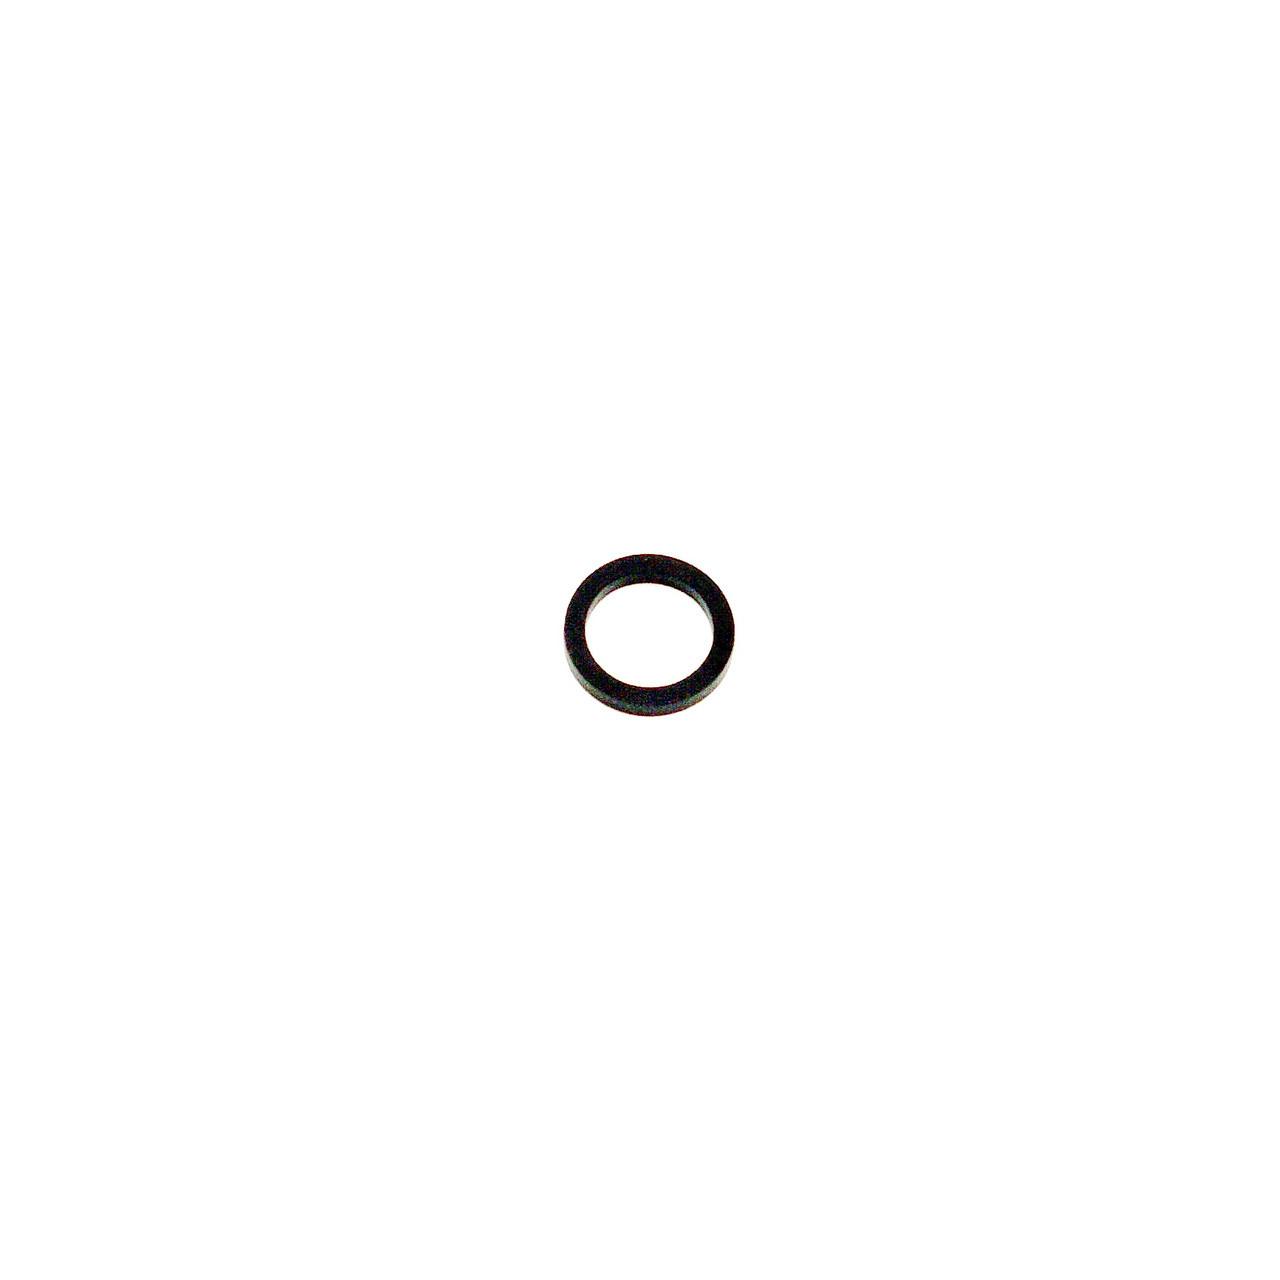 Кольцо уплотнительное головки топливного фильтра  Cummins B Series  3906695